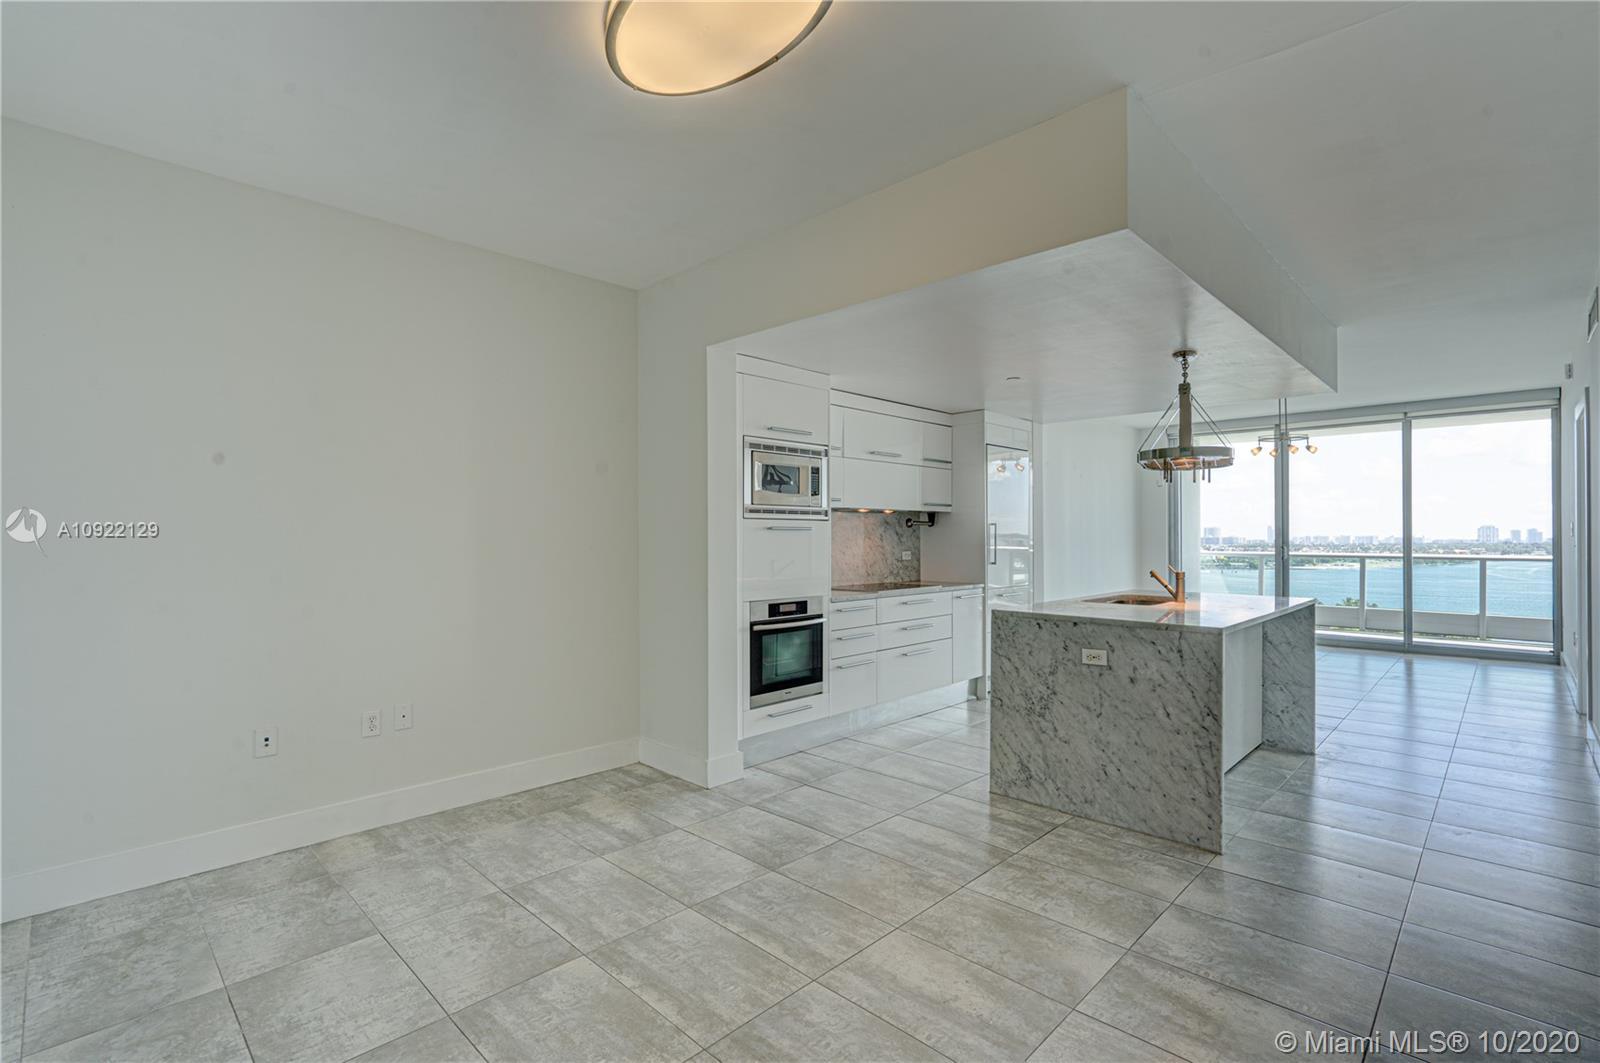 900 Biscayne Bay #1704 - 900 Biscayne Blvd #1704, Miami, FL 33132